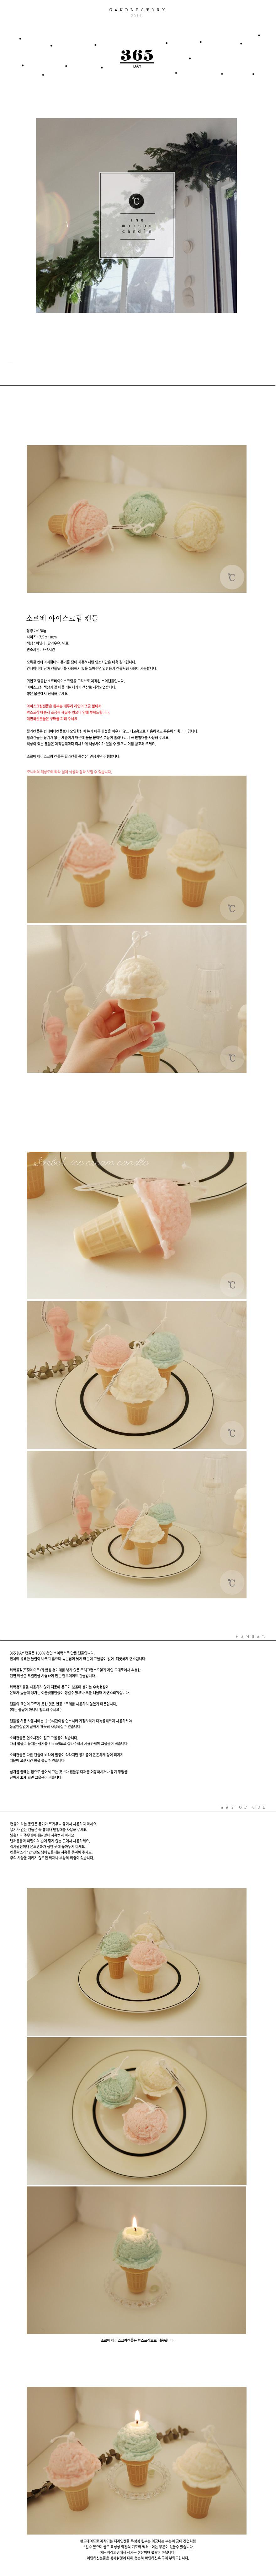 소르베 아이스크림 캔들 - 365데이, 16,000원, 캔들, 필라캔들